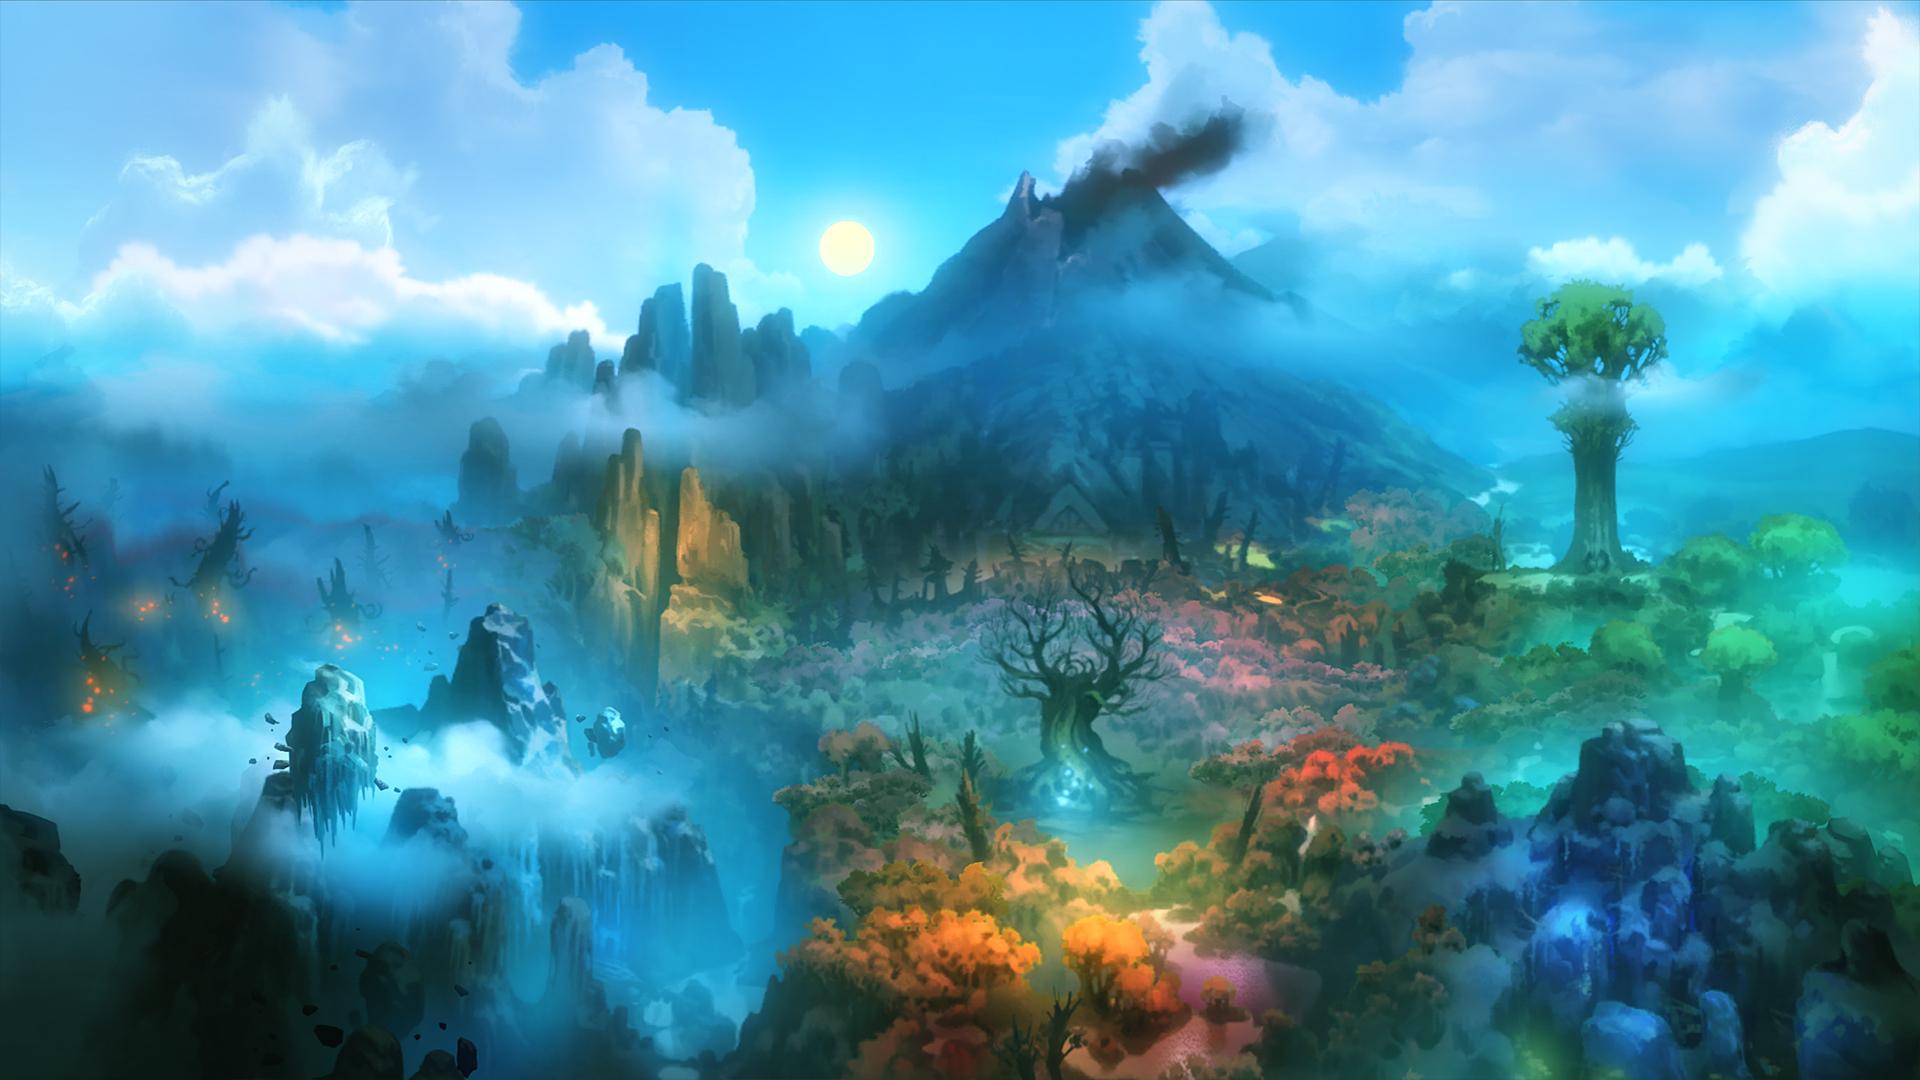 A arte de Ori e a floresta cega